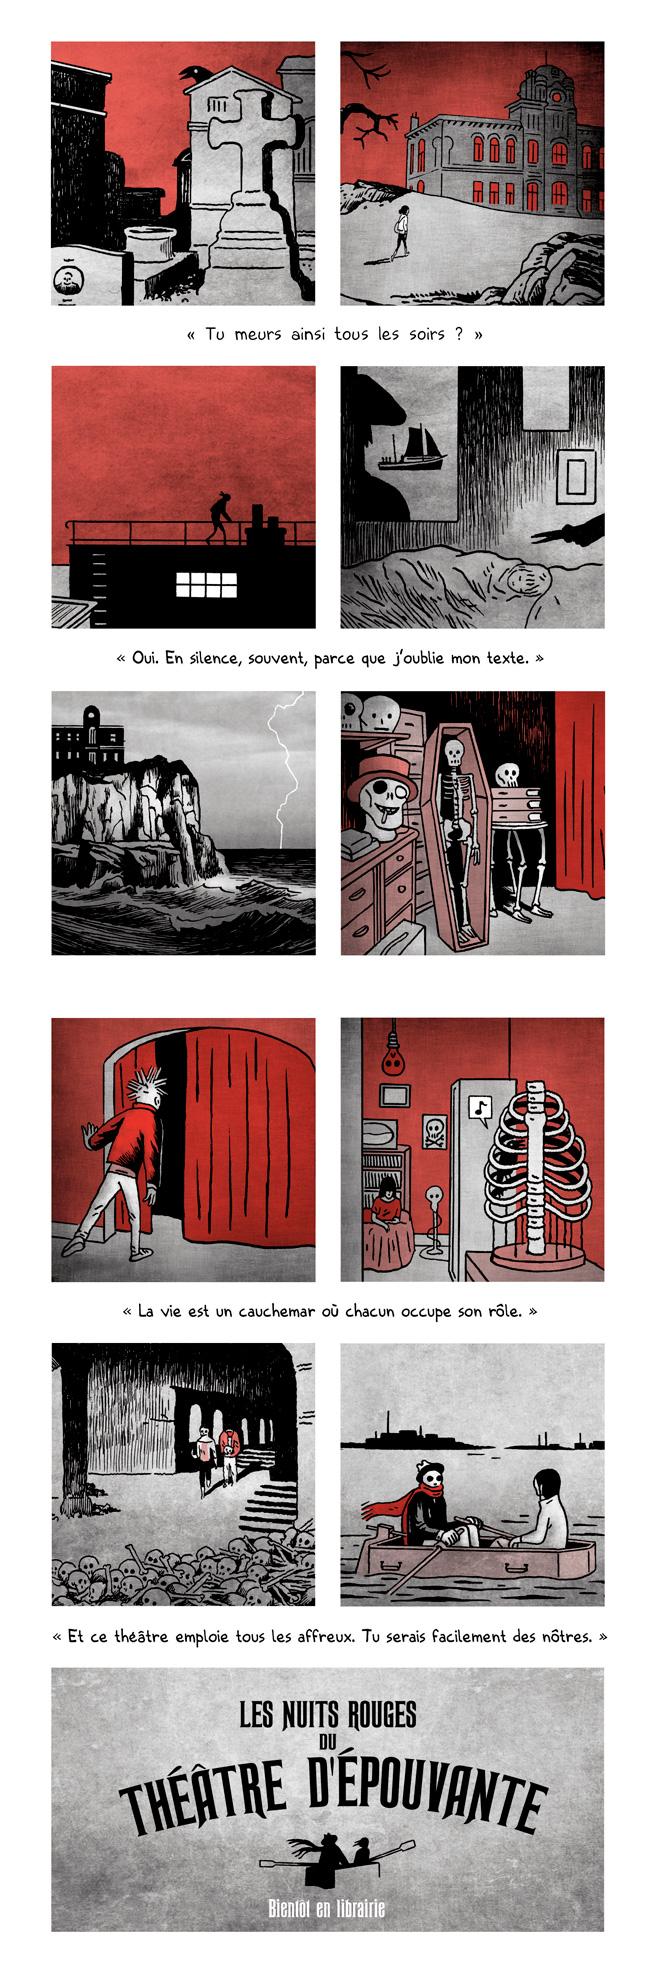 Les nuits rouges du théâtre d'épouvante